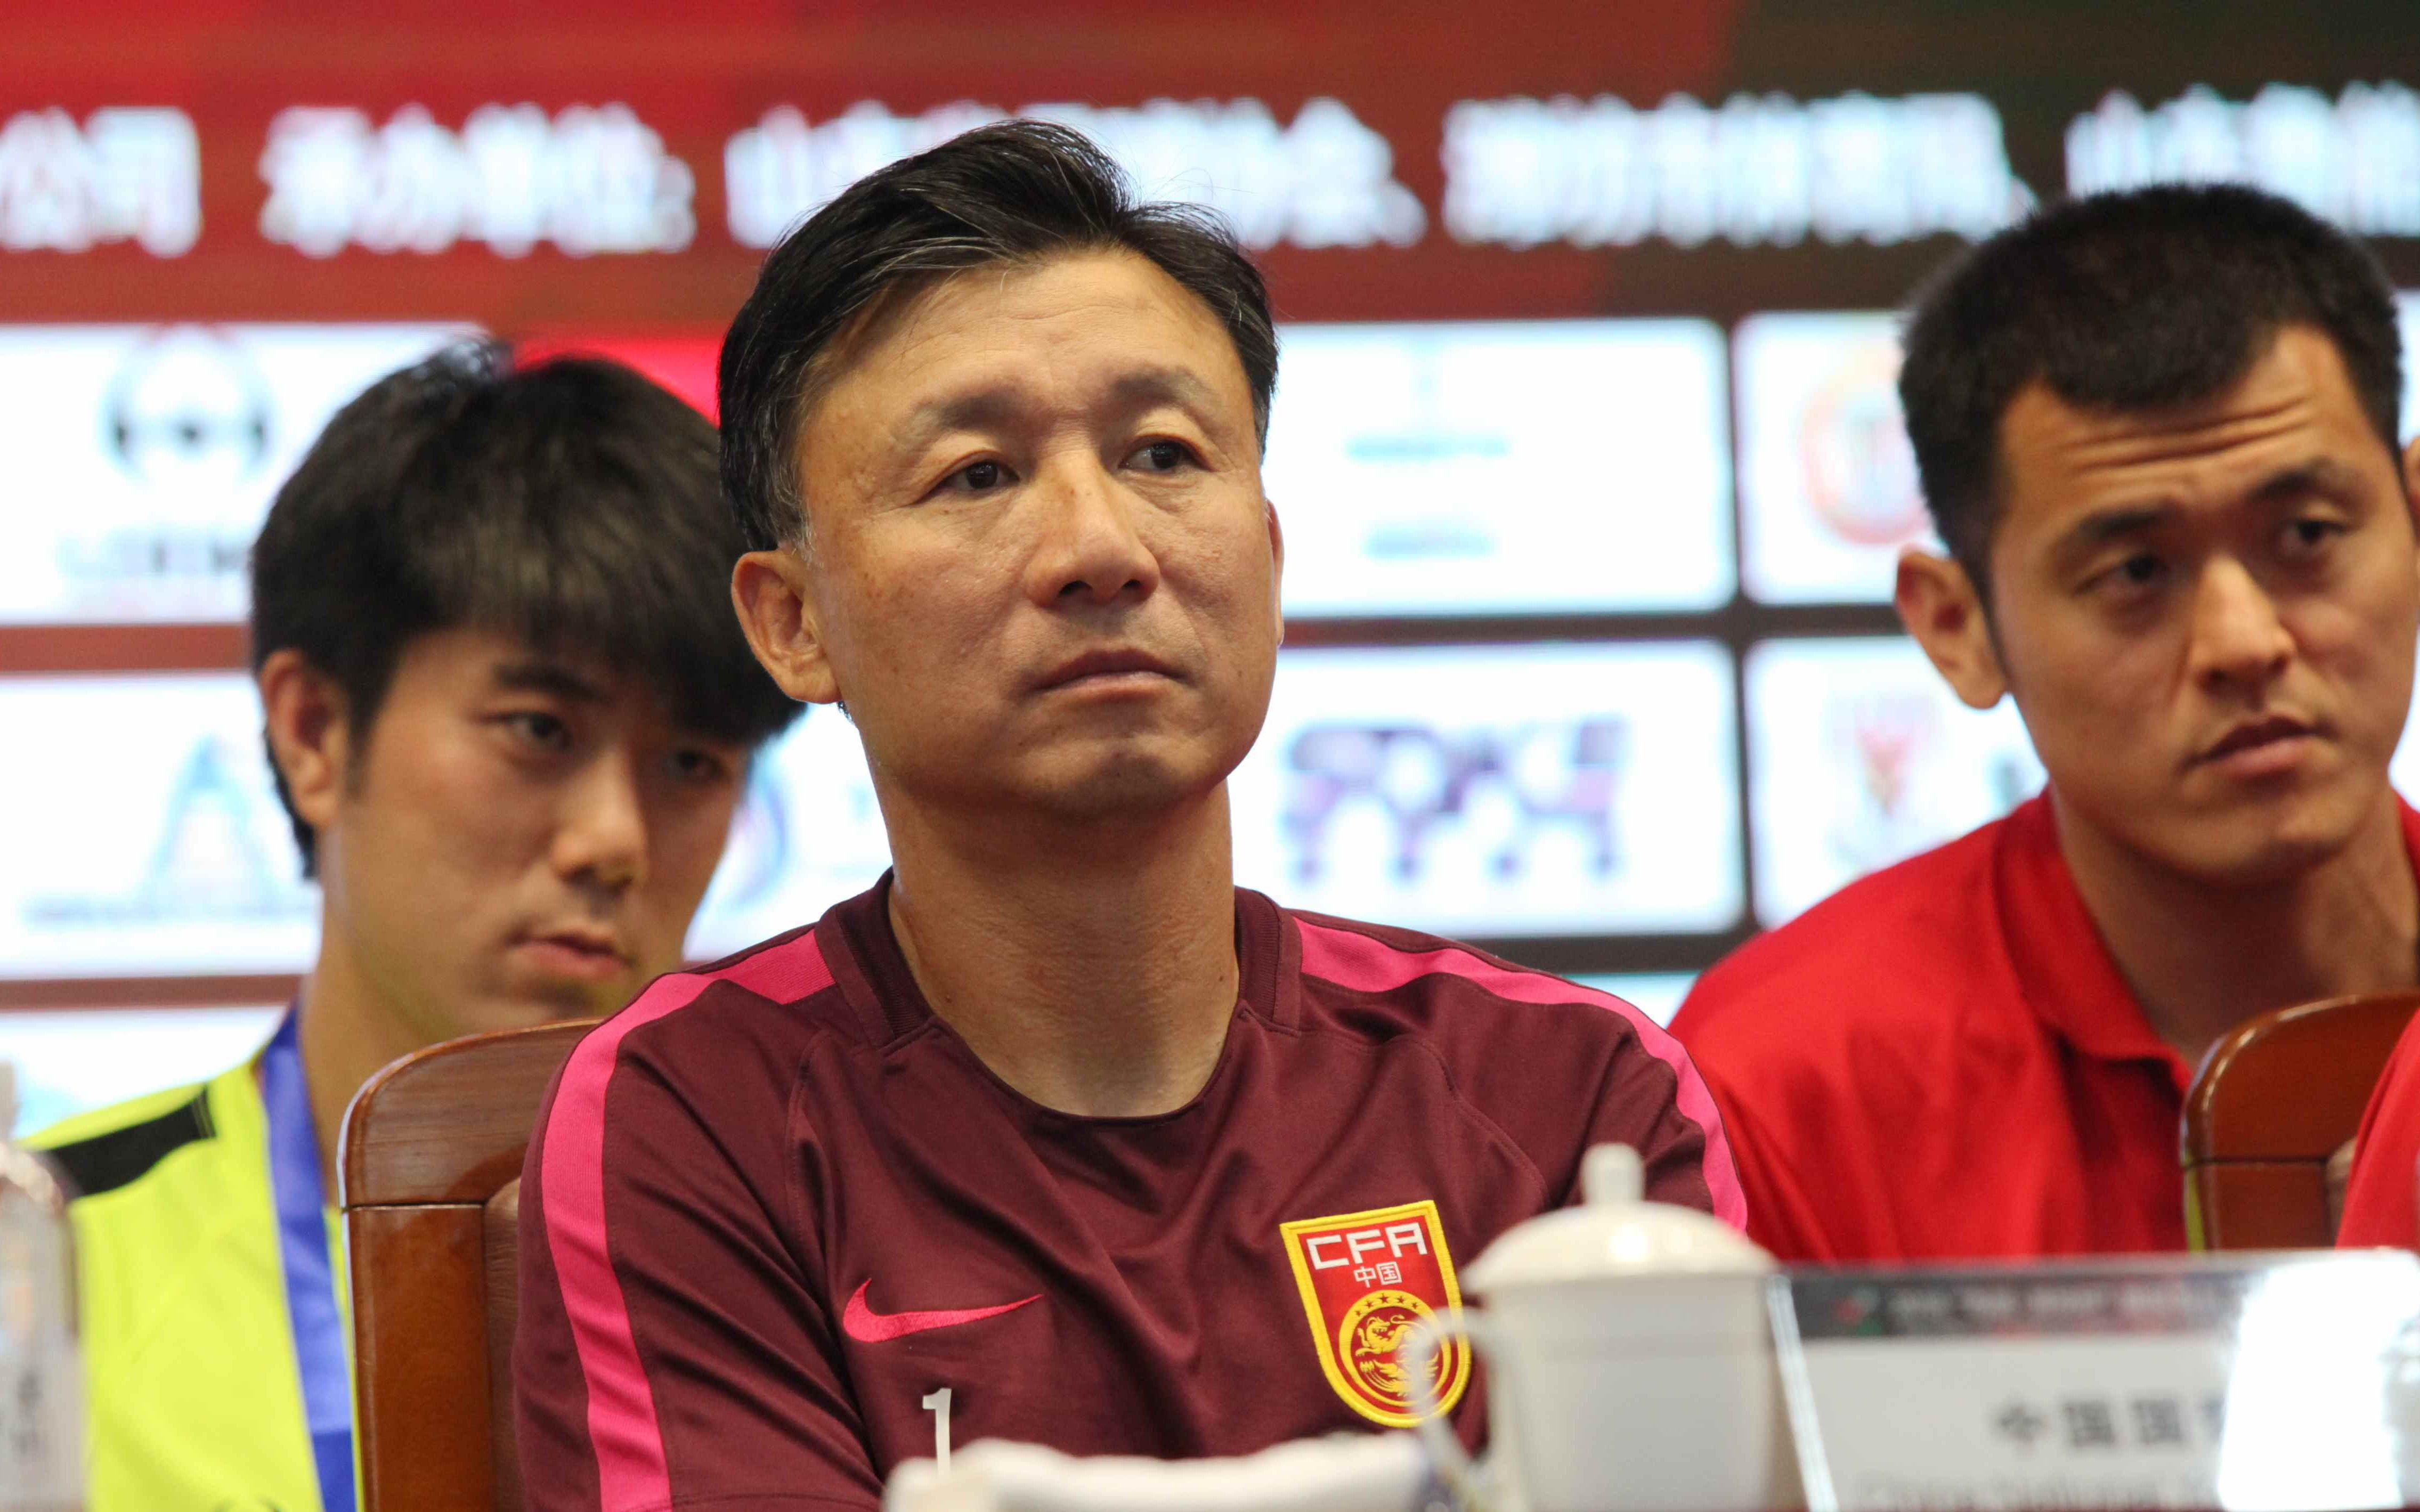 同样面对新加坡队,国青队比韩国队少赢9个球_耀东